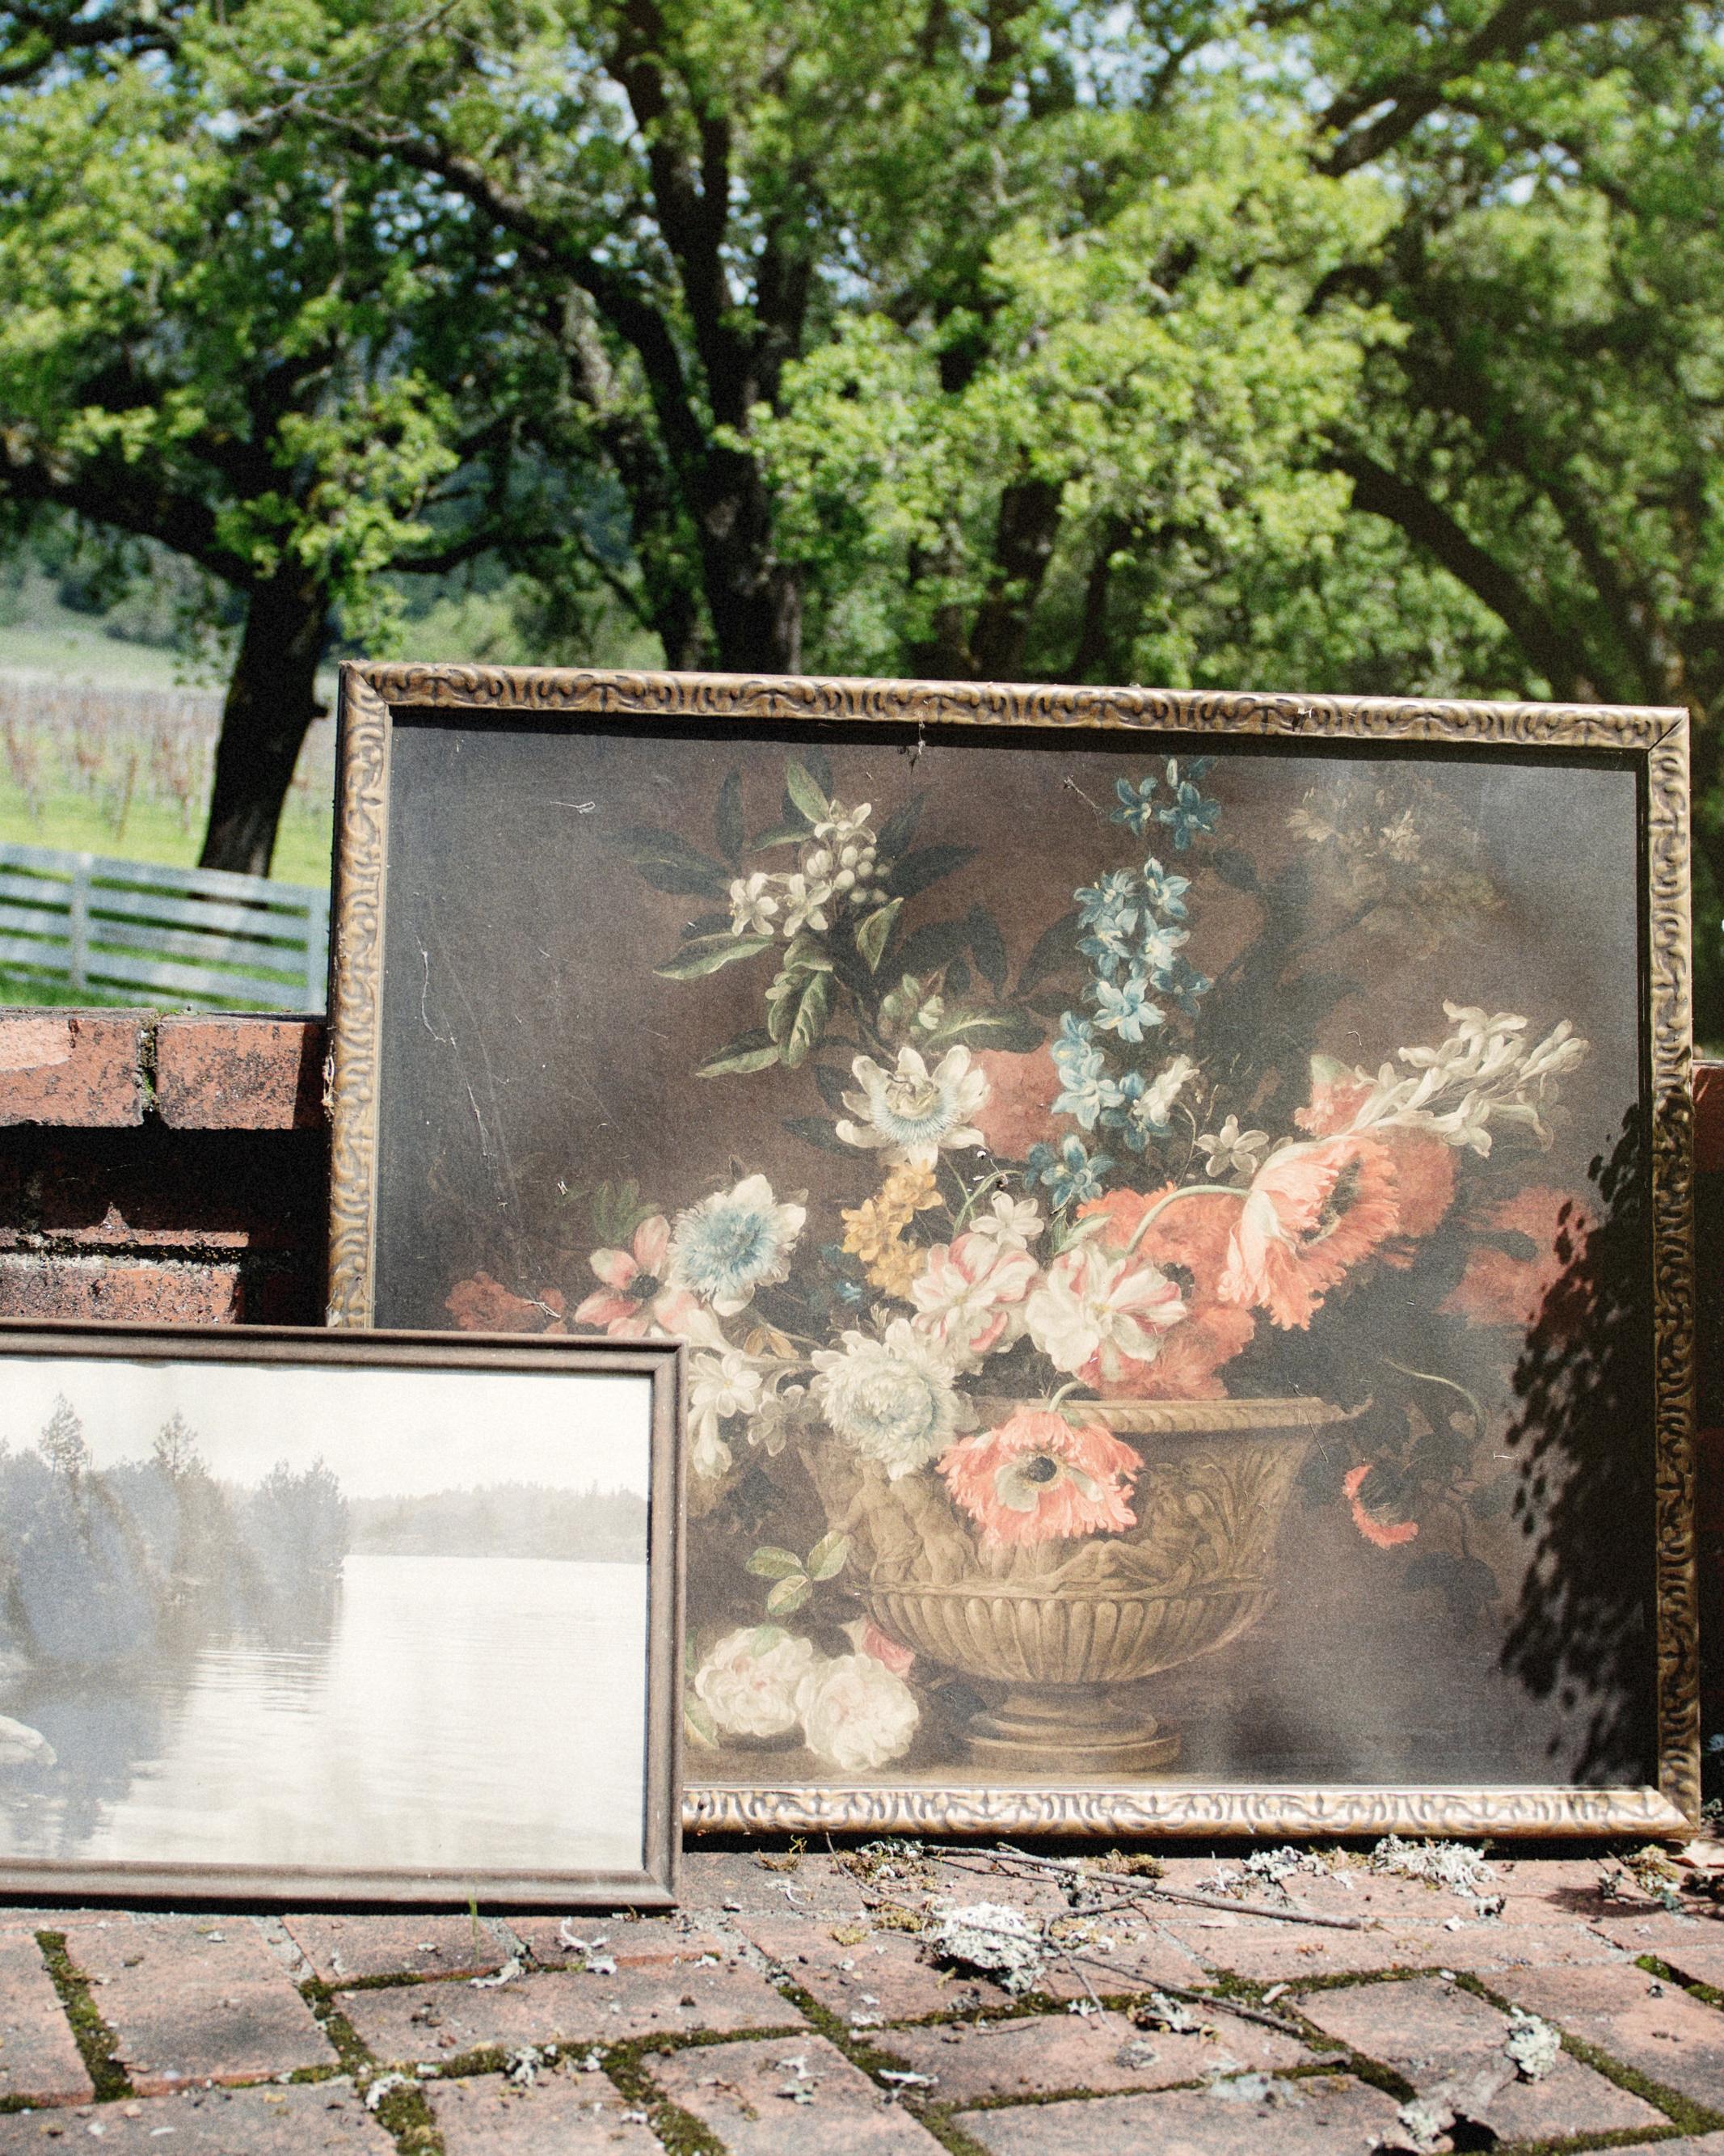 scavenger-hunt-bridal-shower-paintings-decor-0315.jpg